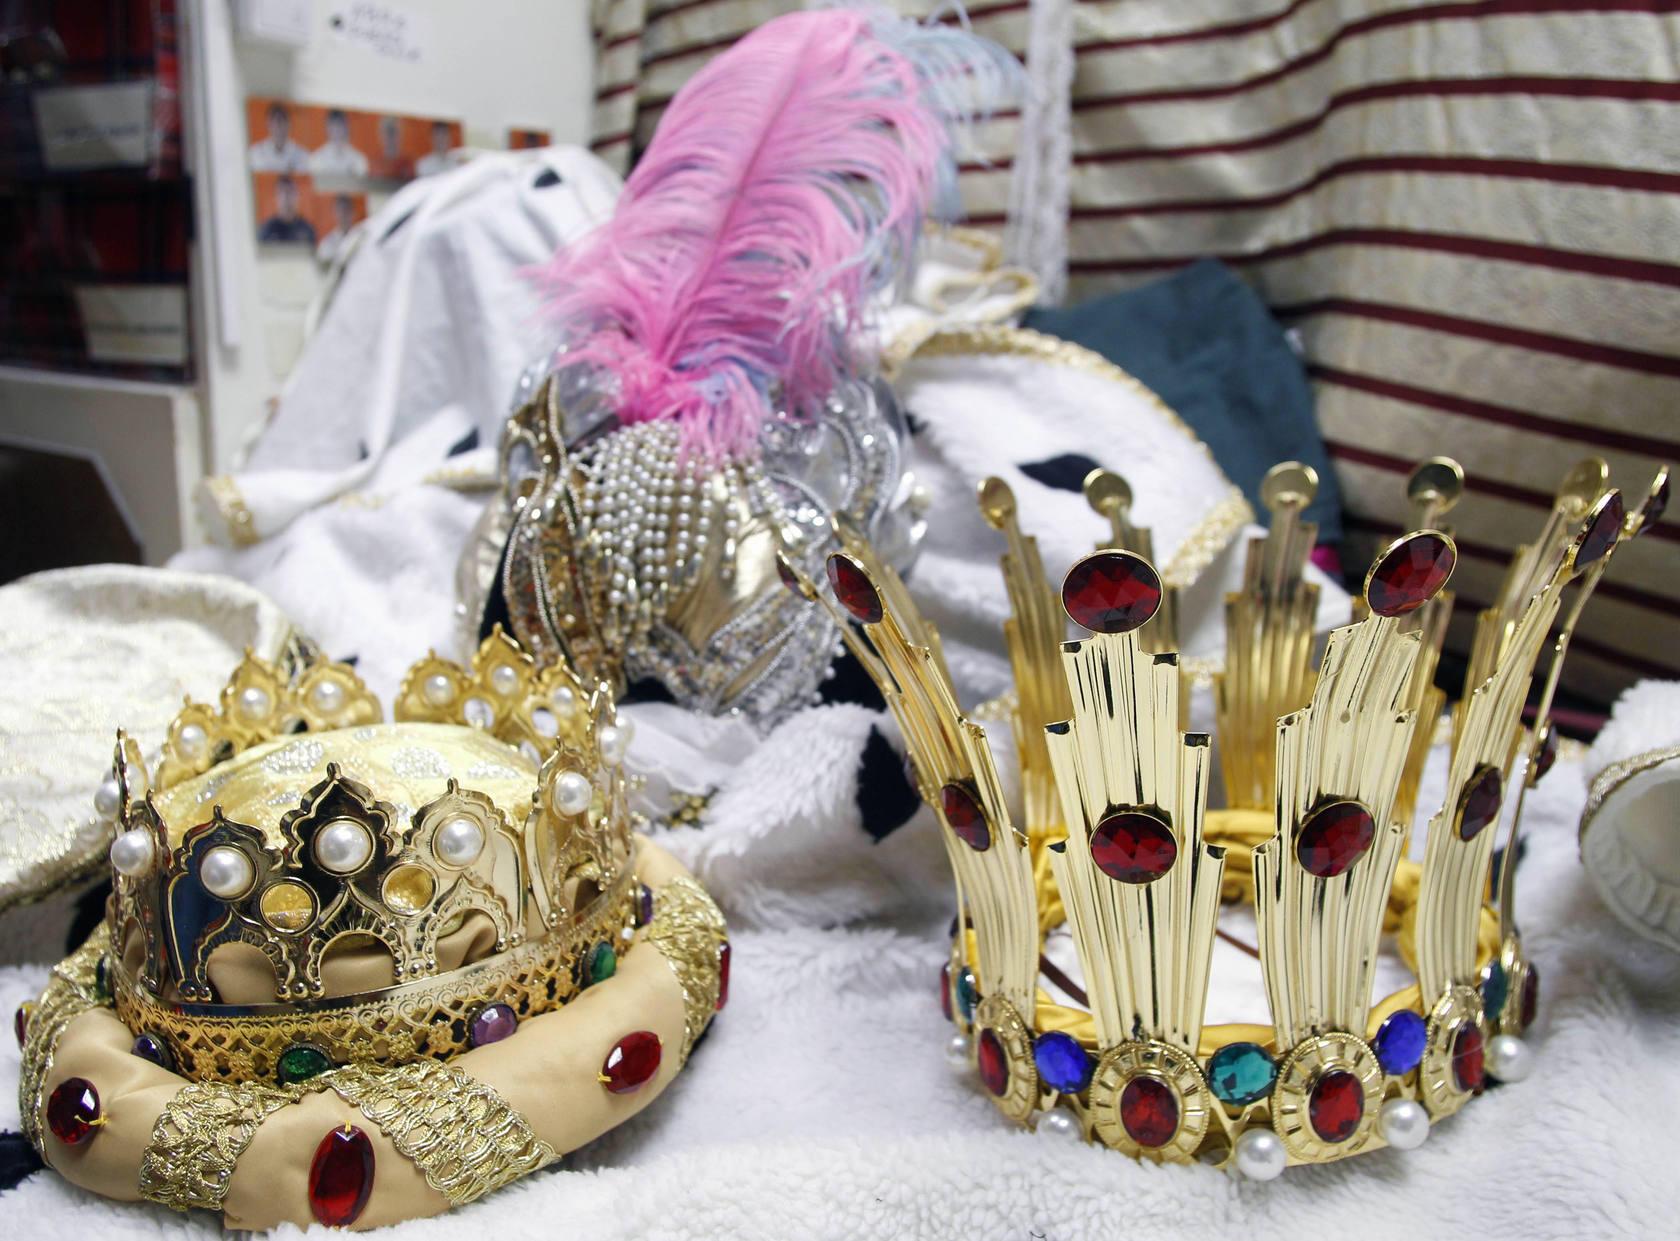 Irene Cruz >> Trajes para la cabalgata de los Reyes Magos de Valencia - LasProvincias.es. Foto 15 de 19